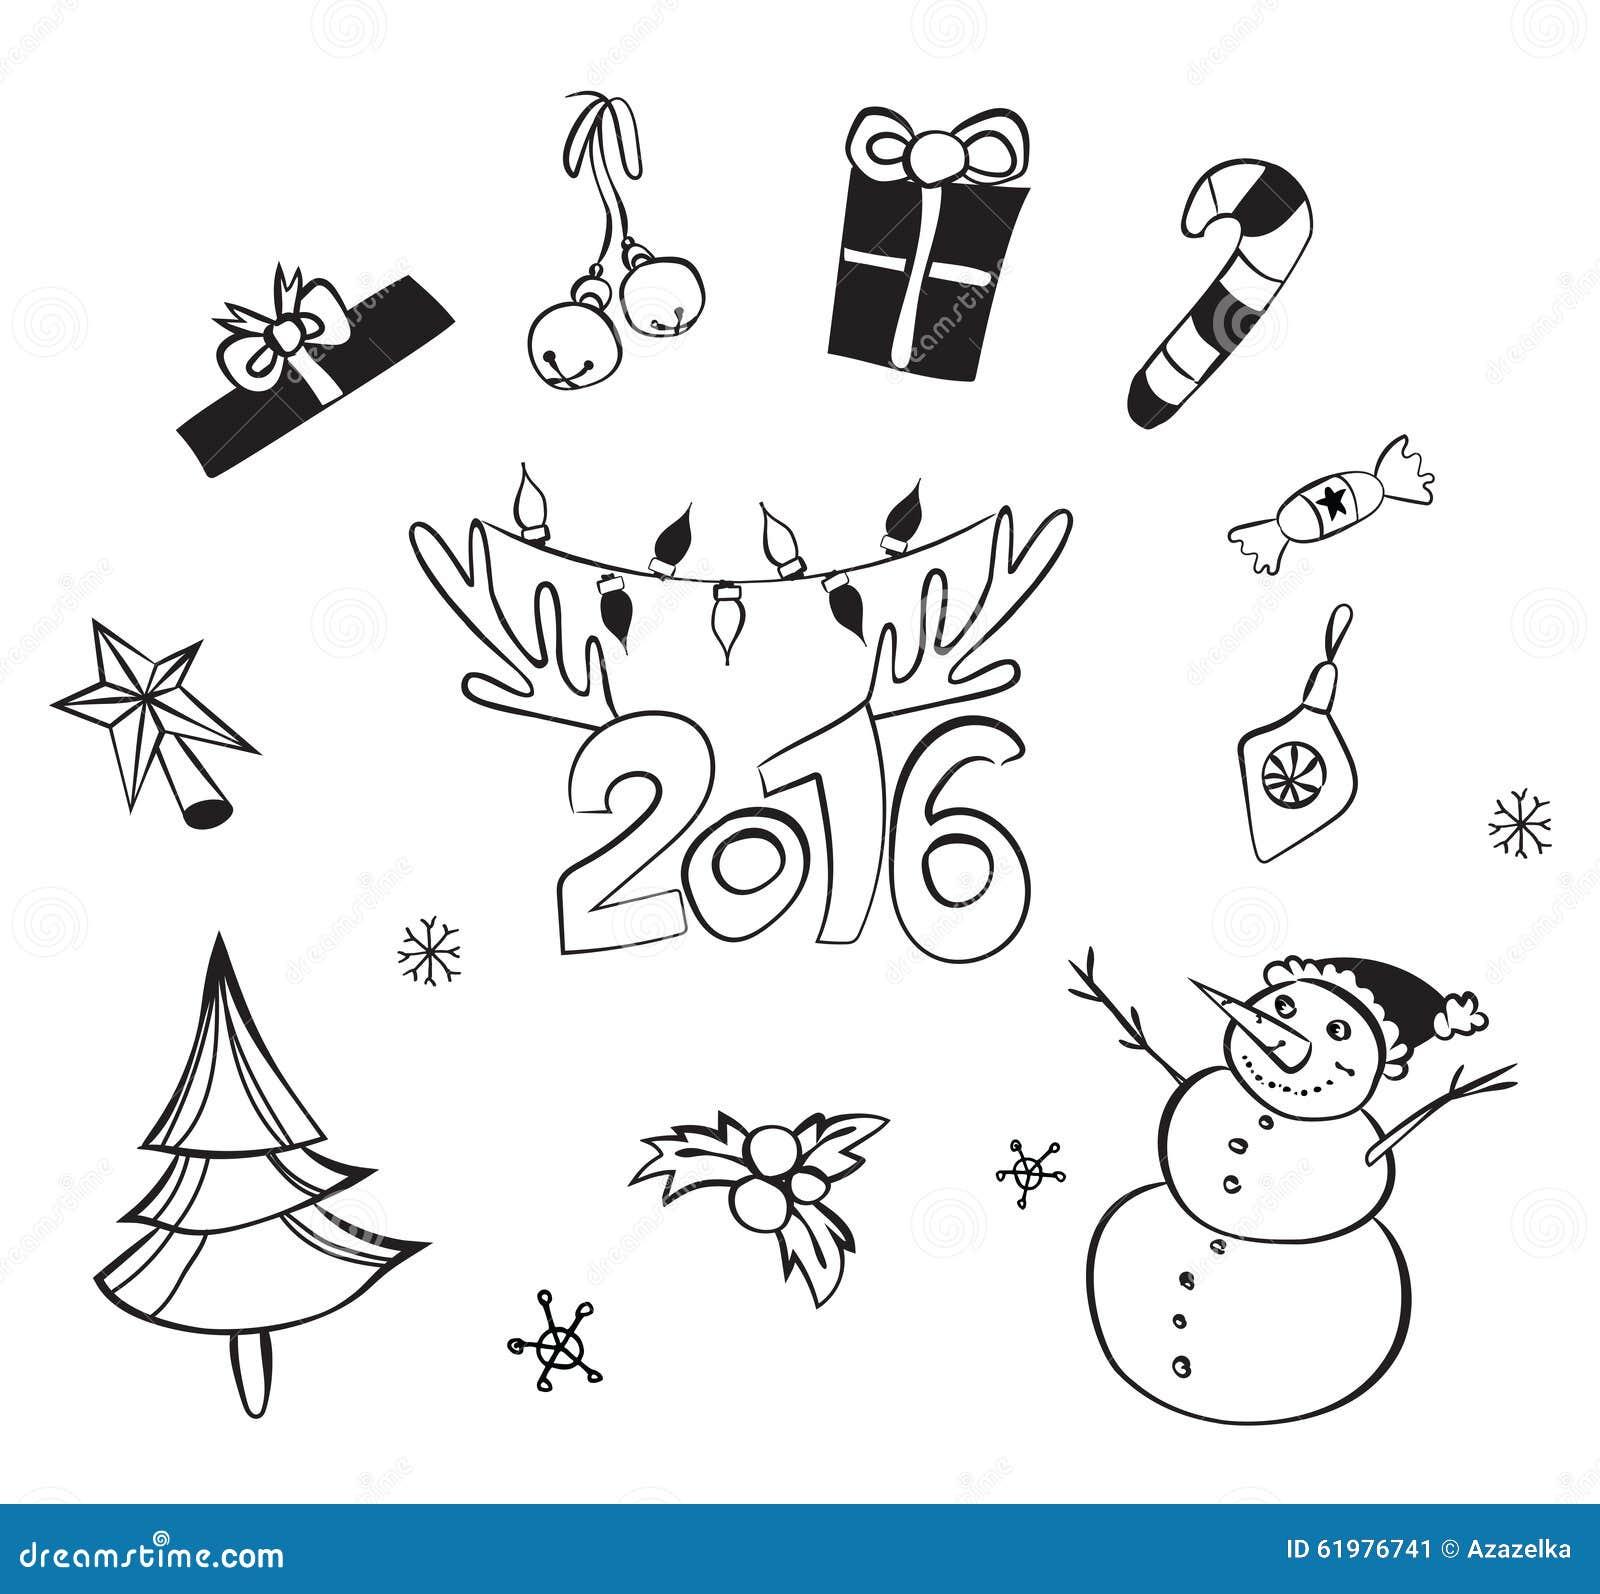 Decorazioni Di Natale Disegni.Decorazioni Di Natale Impostate Icone Di Vettore Accumulazione Degli